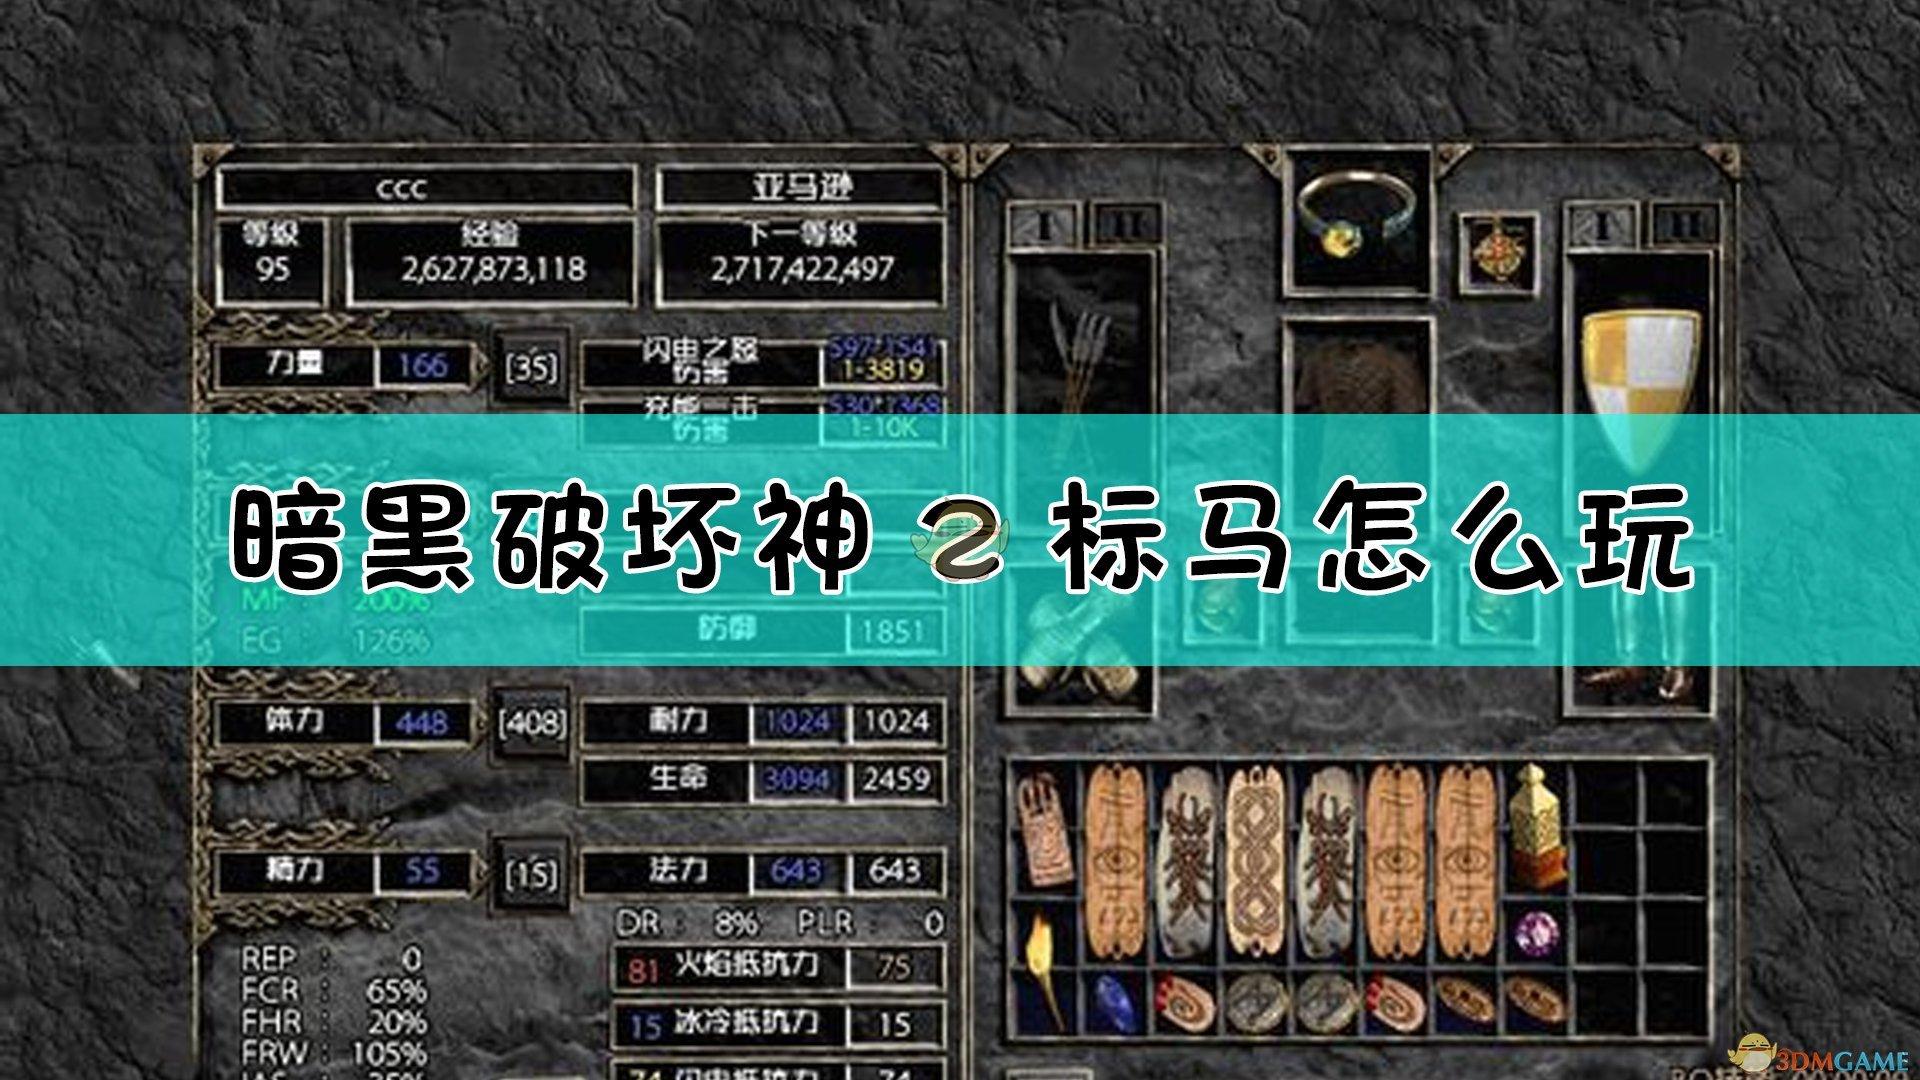 《暗黑破坏神2》标马飞翔的闪电战神流派玩法介绍